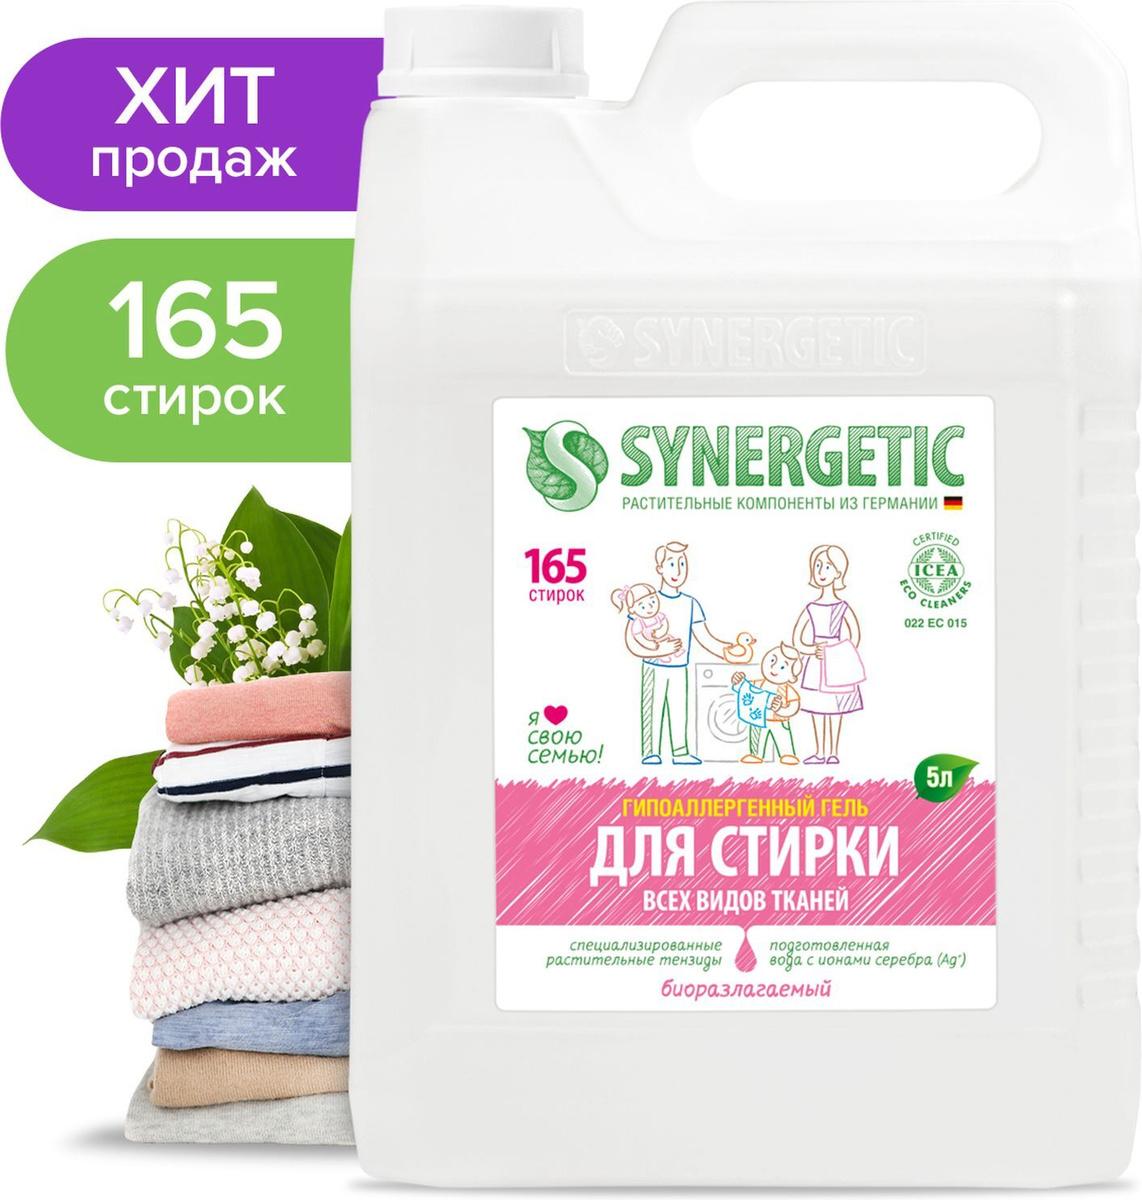 Synergetic для стирки всех видов тканей 5л купить chenille